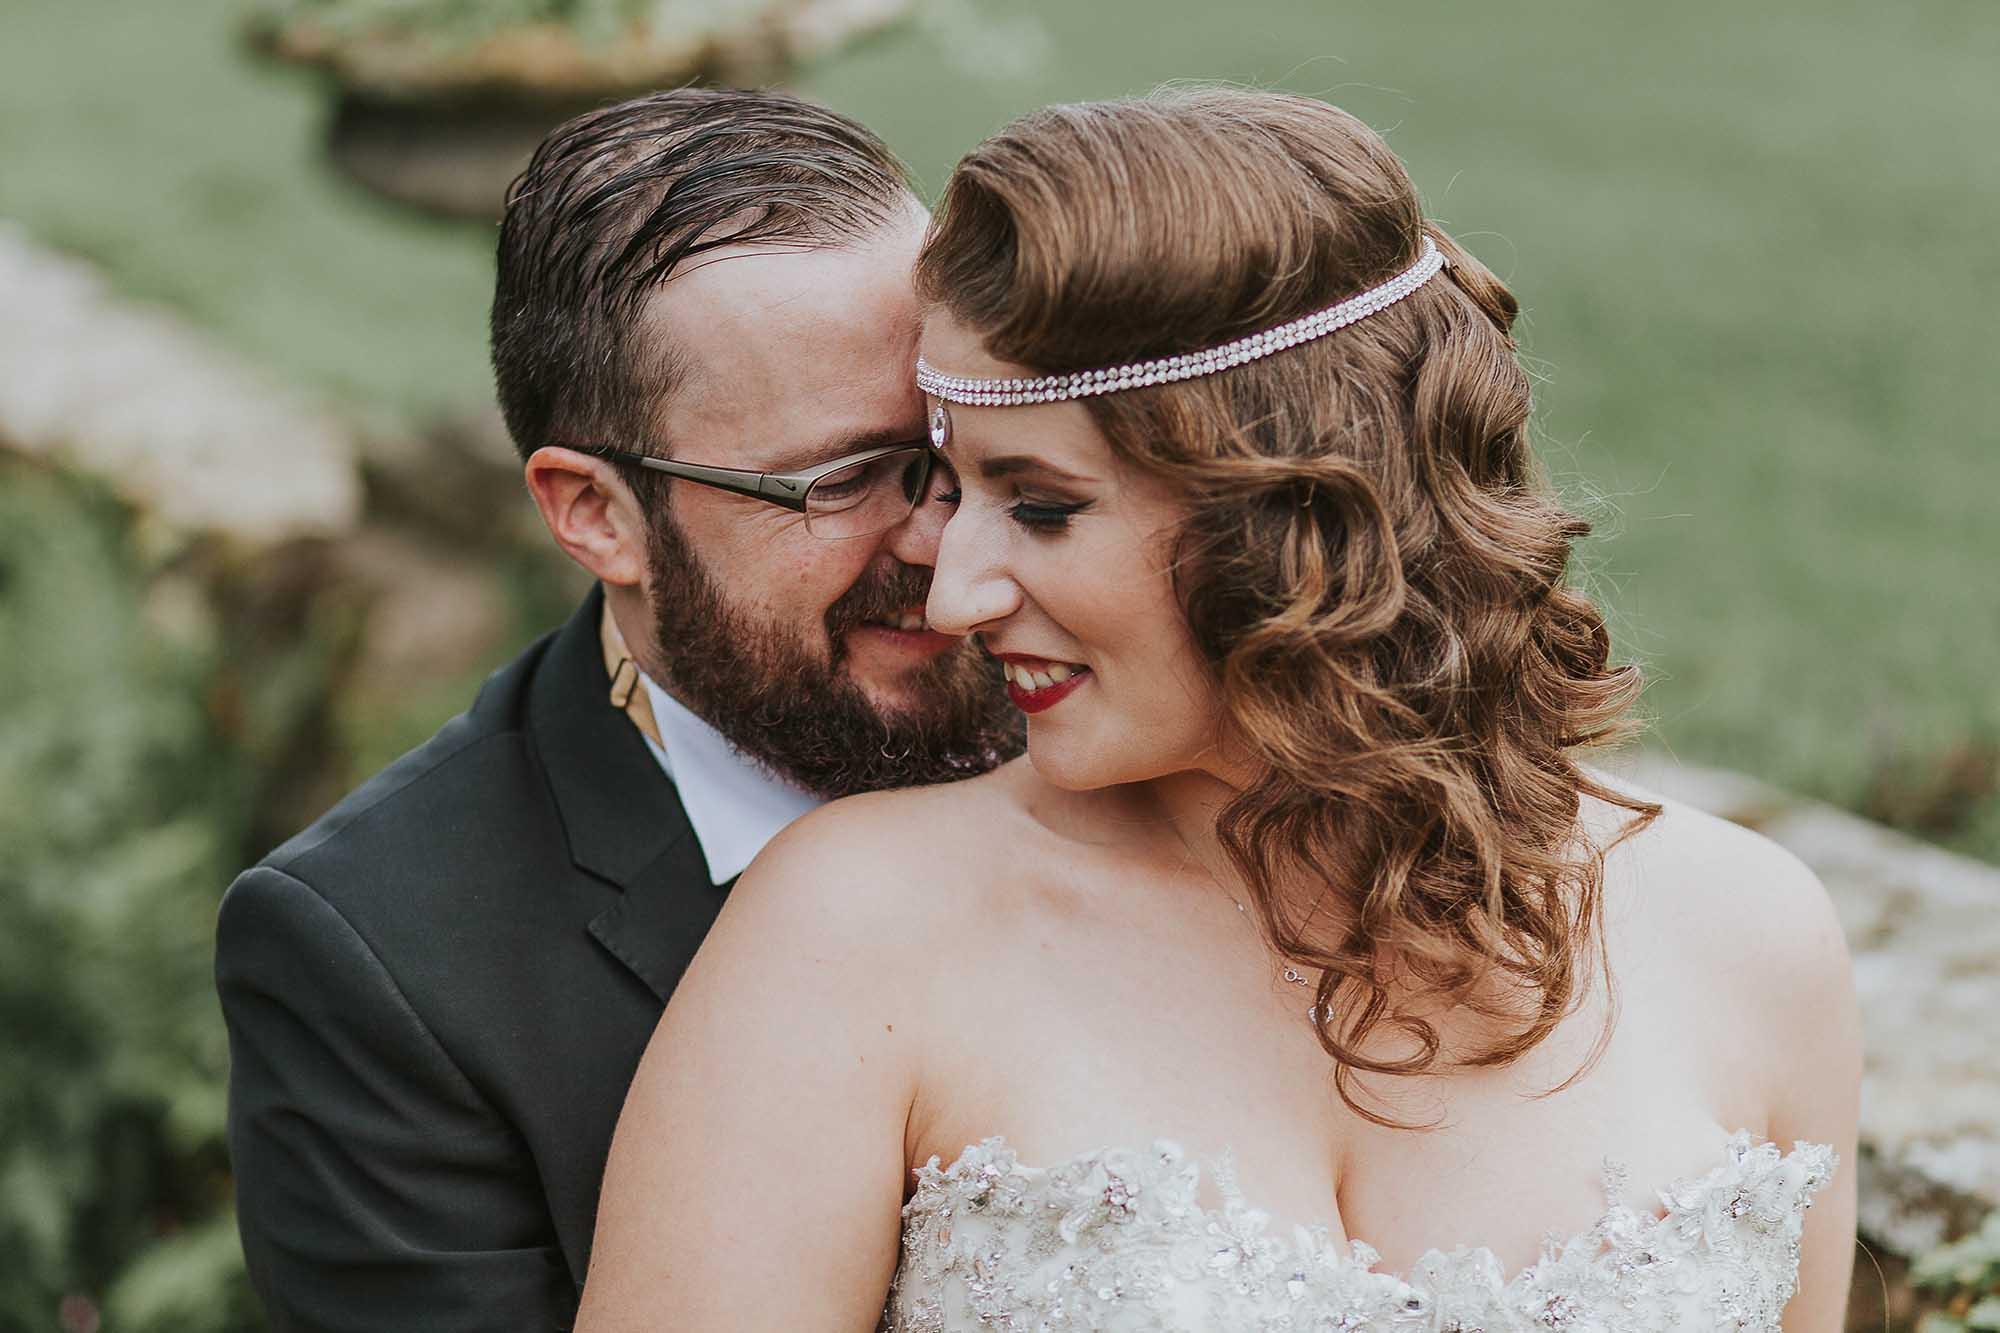 Browsholme Hall and Tithe Barn wedding photography